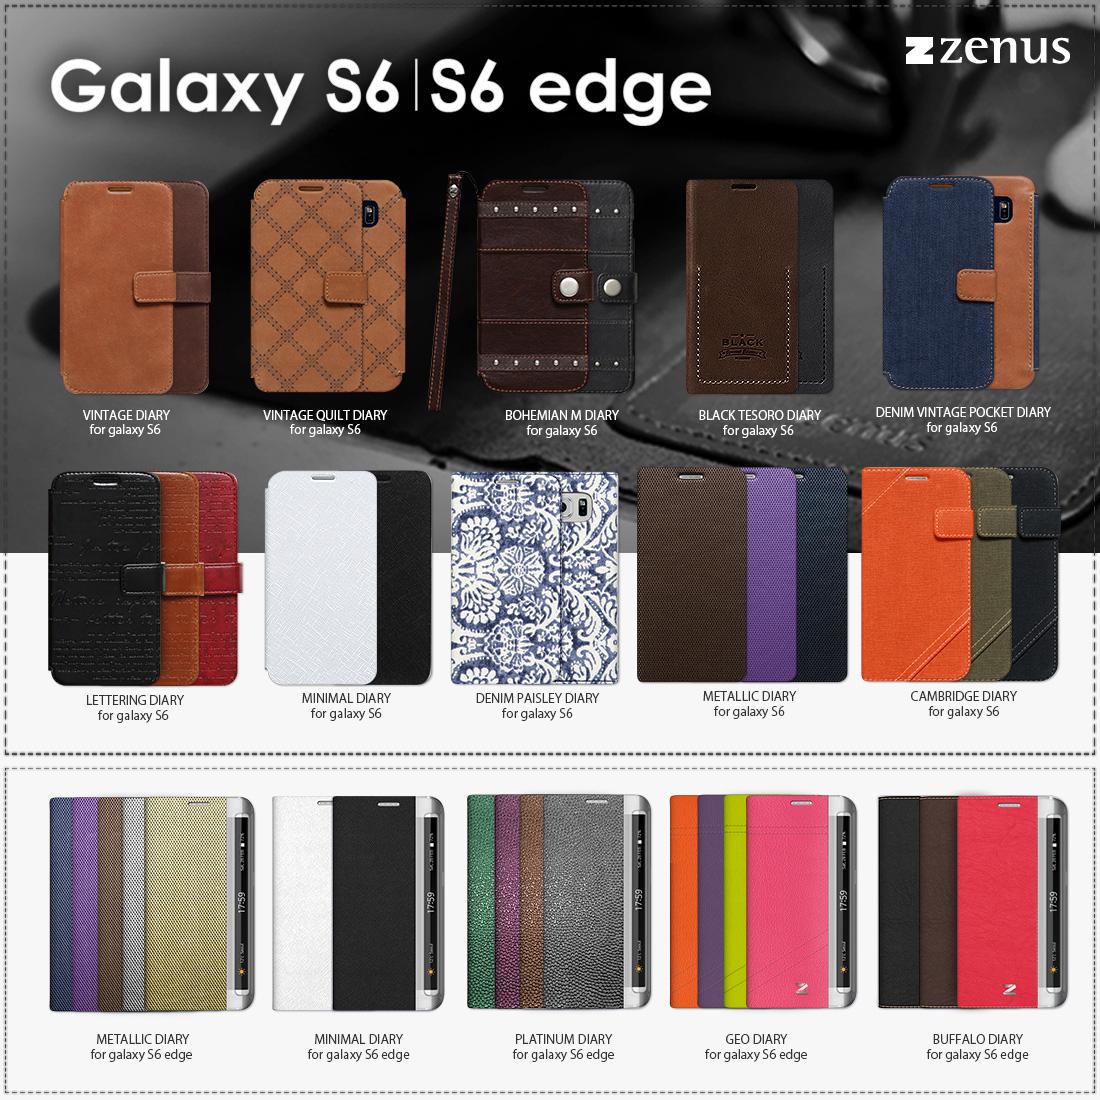 7ff16b9c5a 今回発売するGalaxy S6 / Galaxy S6 Edgeプレミアムレザーケース は、Zenus独自の技術や持ち味の高級素材にデザイン性、機能性を盛り込んだケースです。